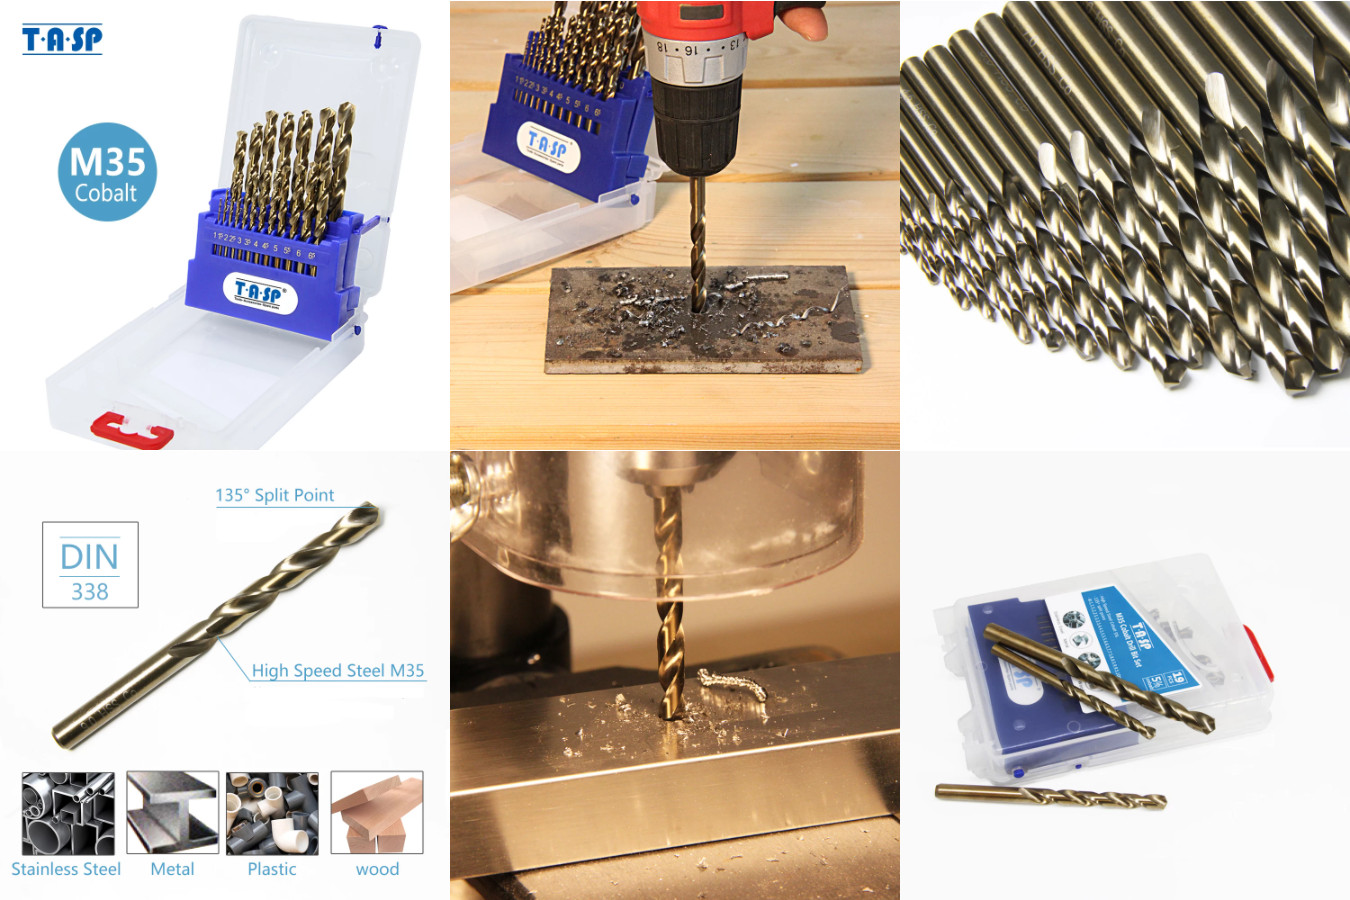 Комплект кобальтовых свёрл компании TASP модели HSS